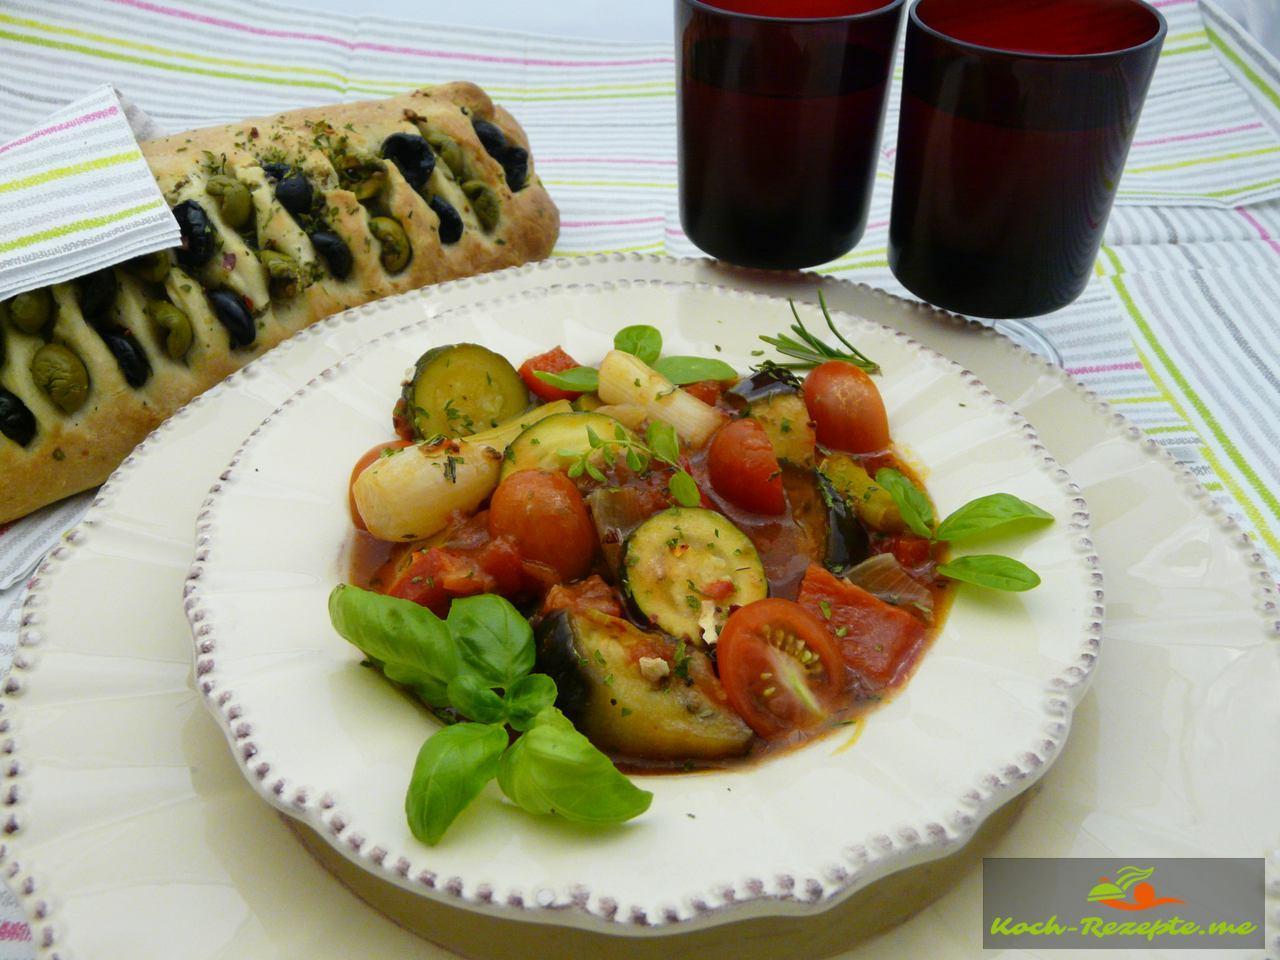 Frankreichs gute Küche Ratatouille köstliches mediterranes Rezept.